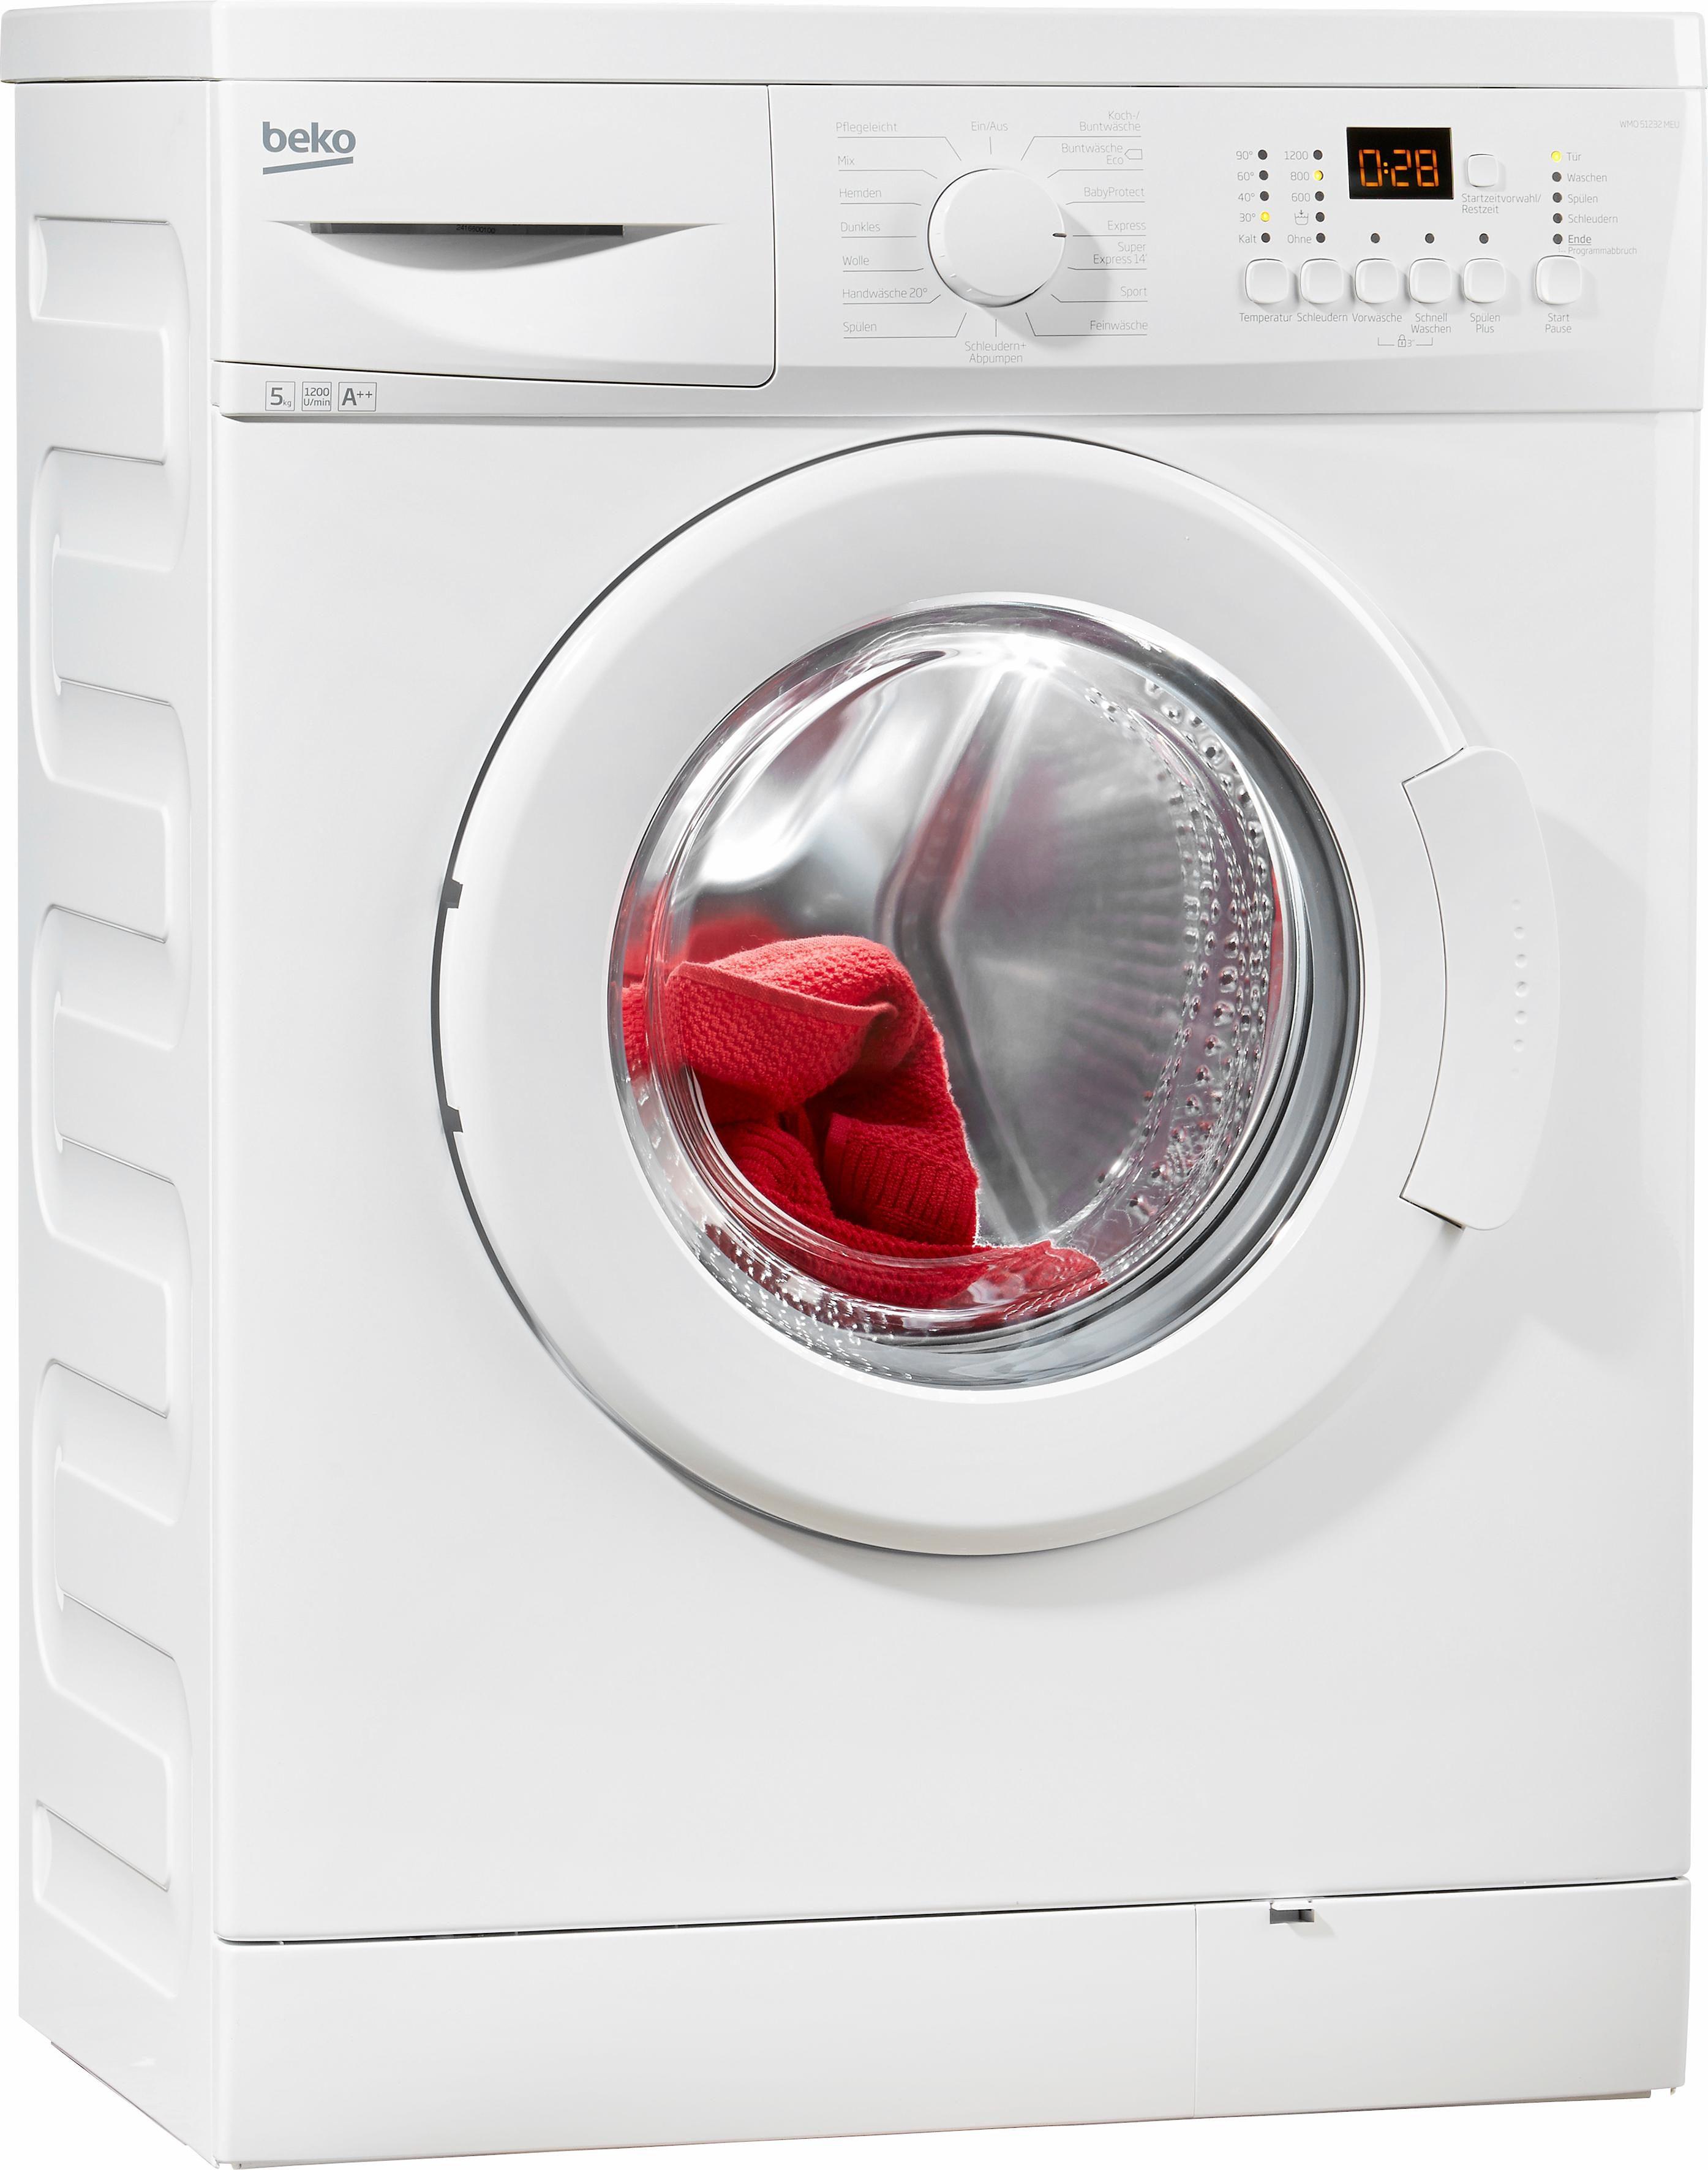 BEKO Waschmaschine WMO 51232, A++, 5 kg, 1200 U/Min